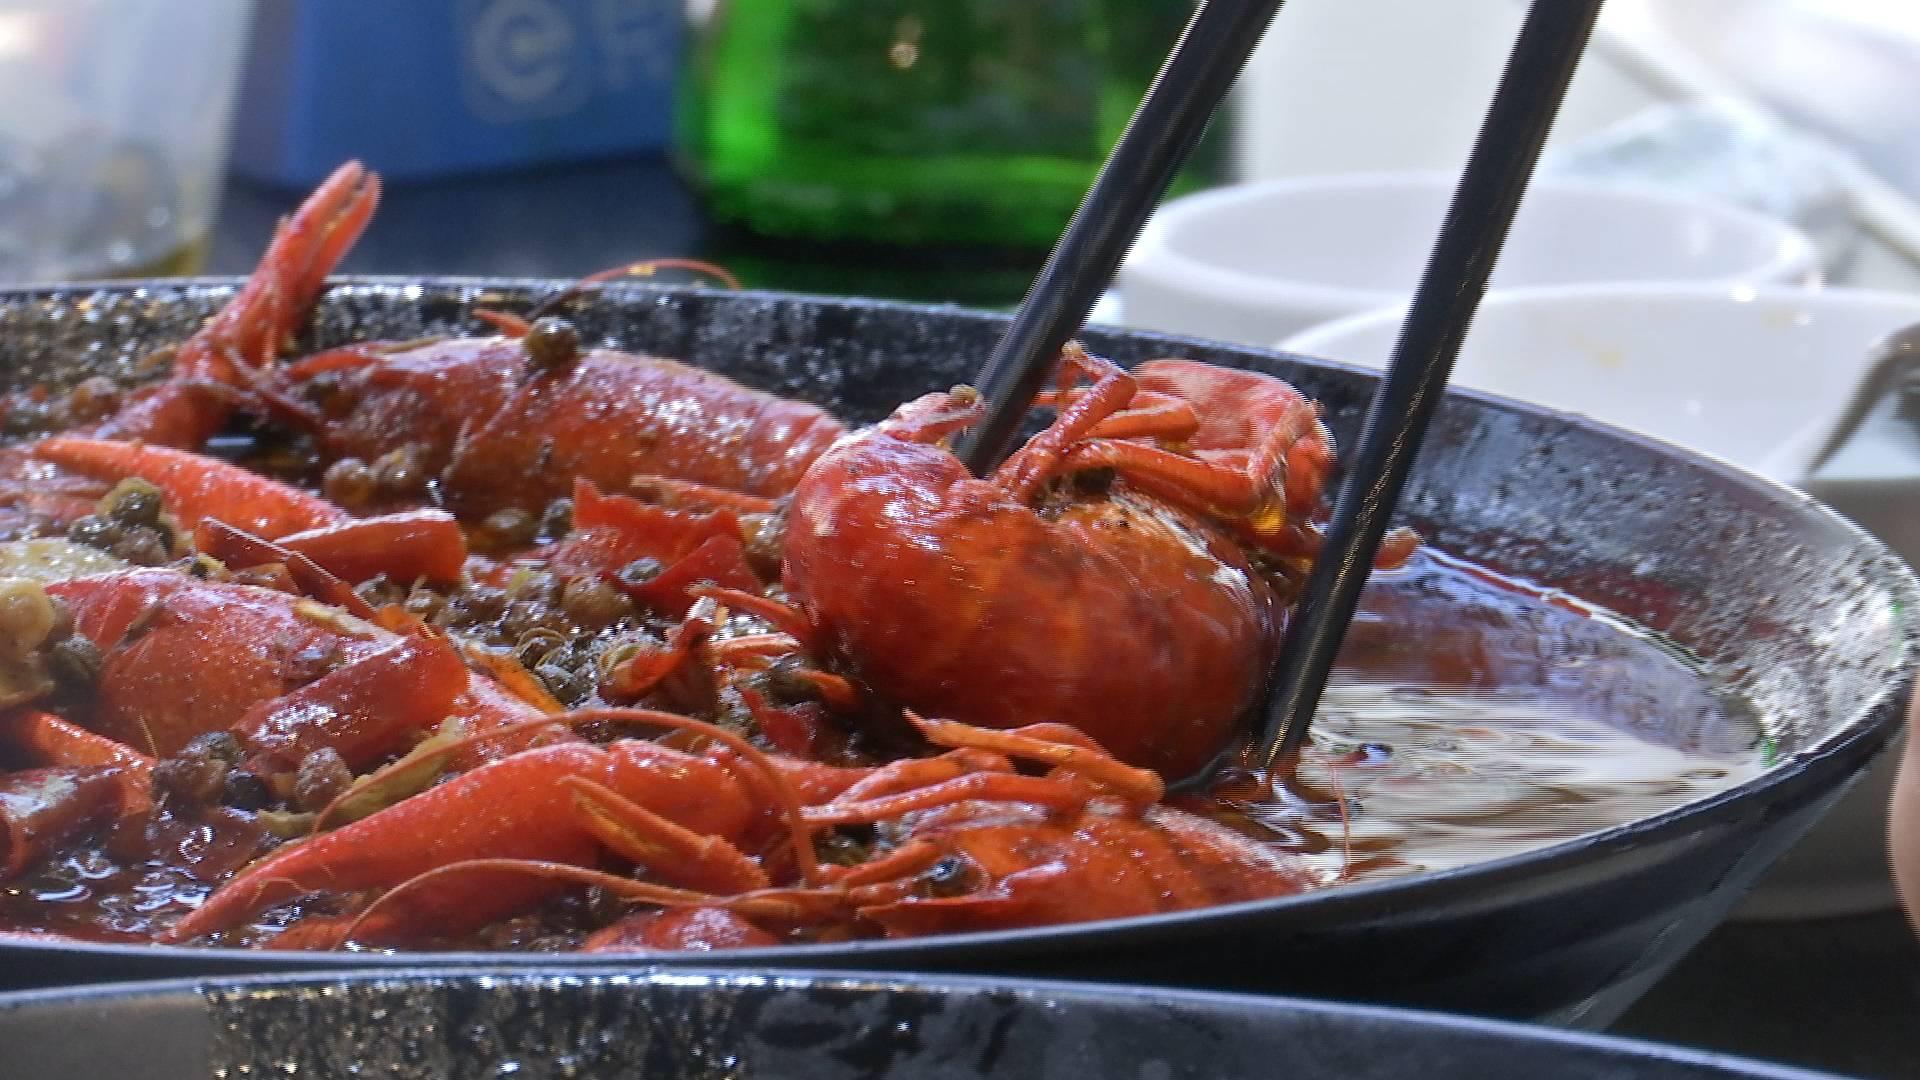 吃货注意!夏天想吃小龙虾,先听专家建议!毒都在这个位置